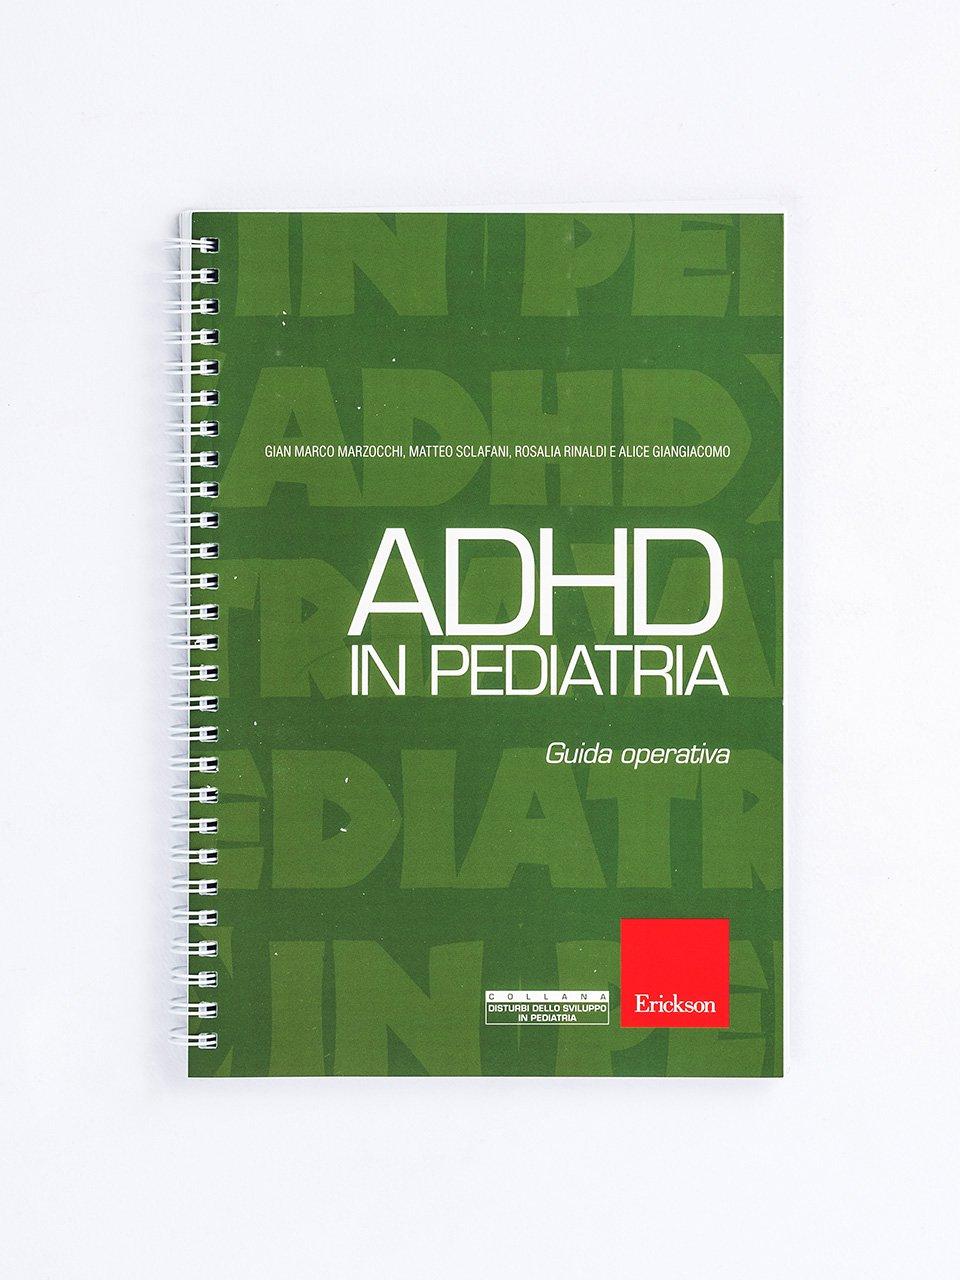 ADHD in pediatria - Largo, arrivo io! - Libri - Erickson